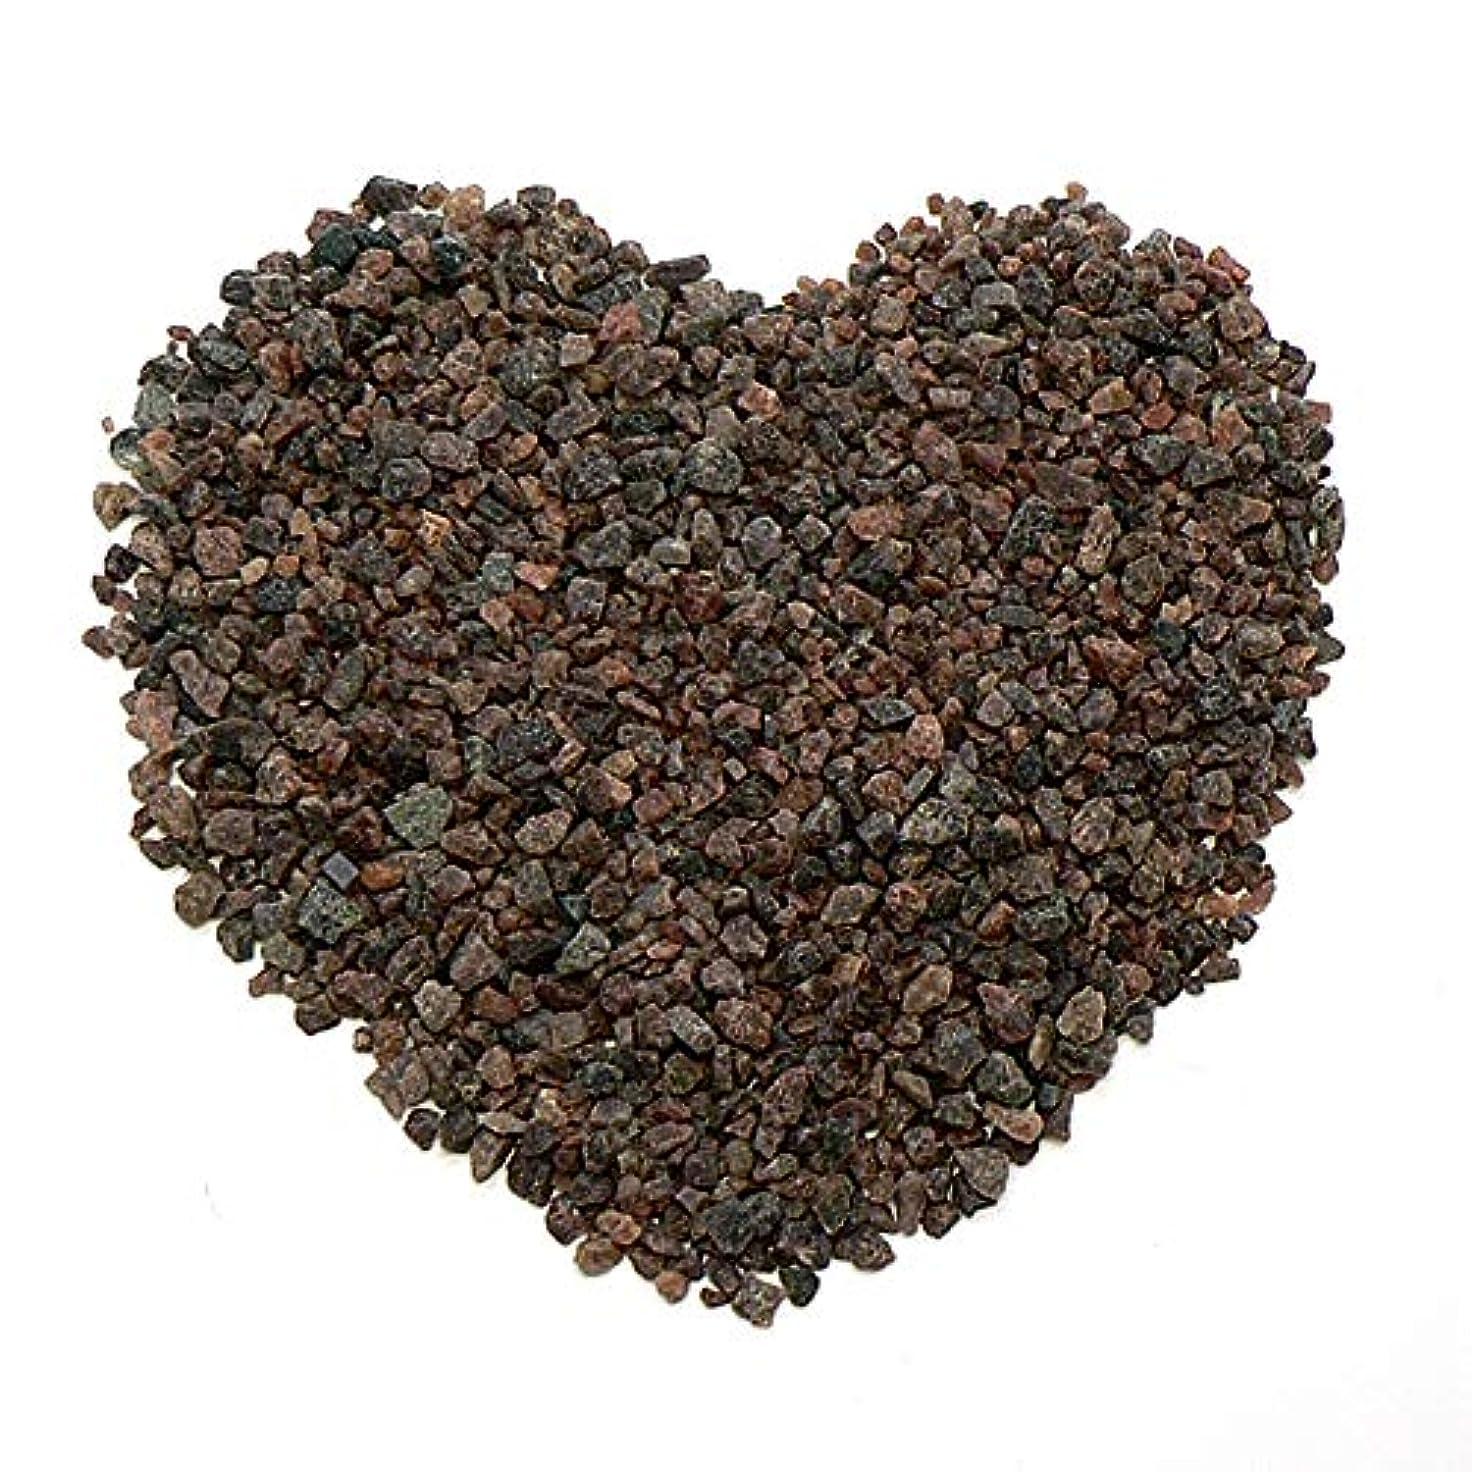 から派手敵対的ヒマラヤ岩塩 ブラックソルト 入浴用 バスソルト(小粒)2kg 黒岩塩 ブラック岩塩